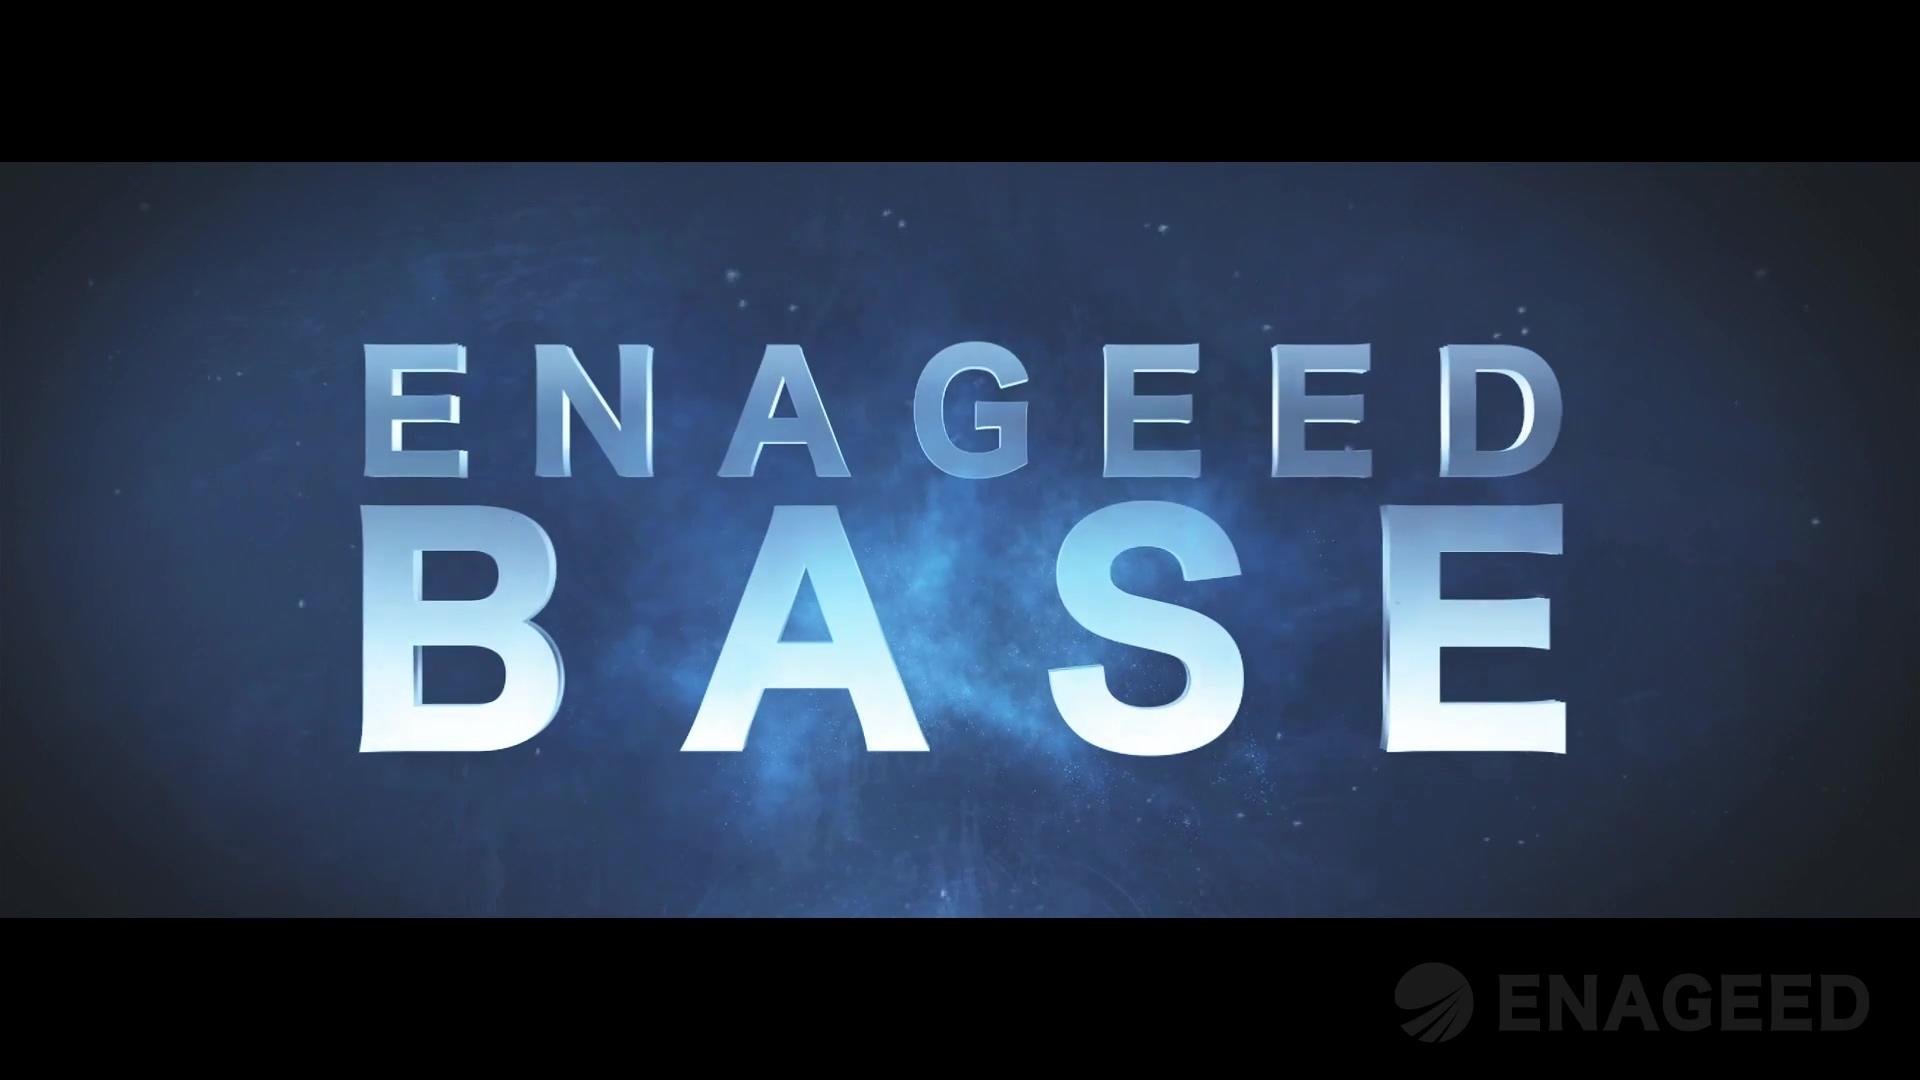 ENAGEED BASE_オープニング